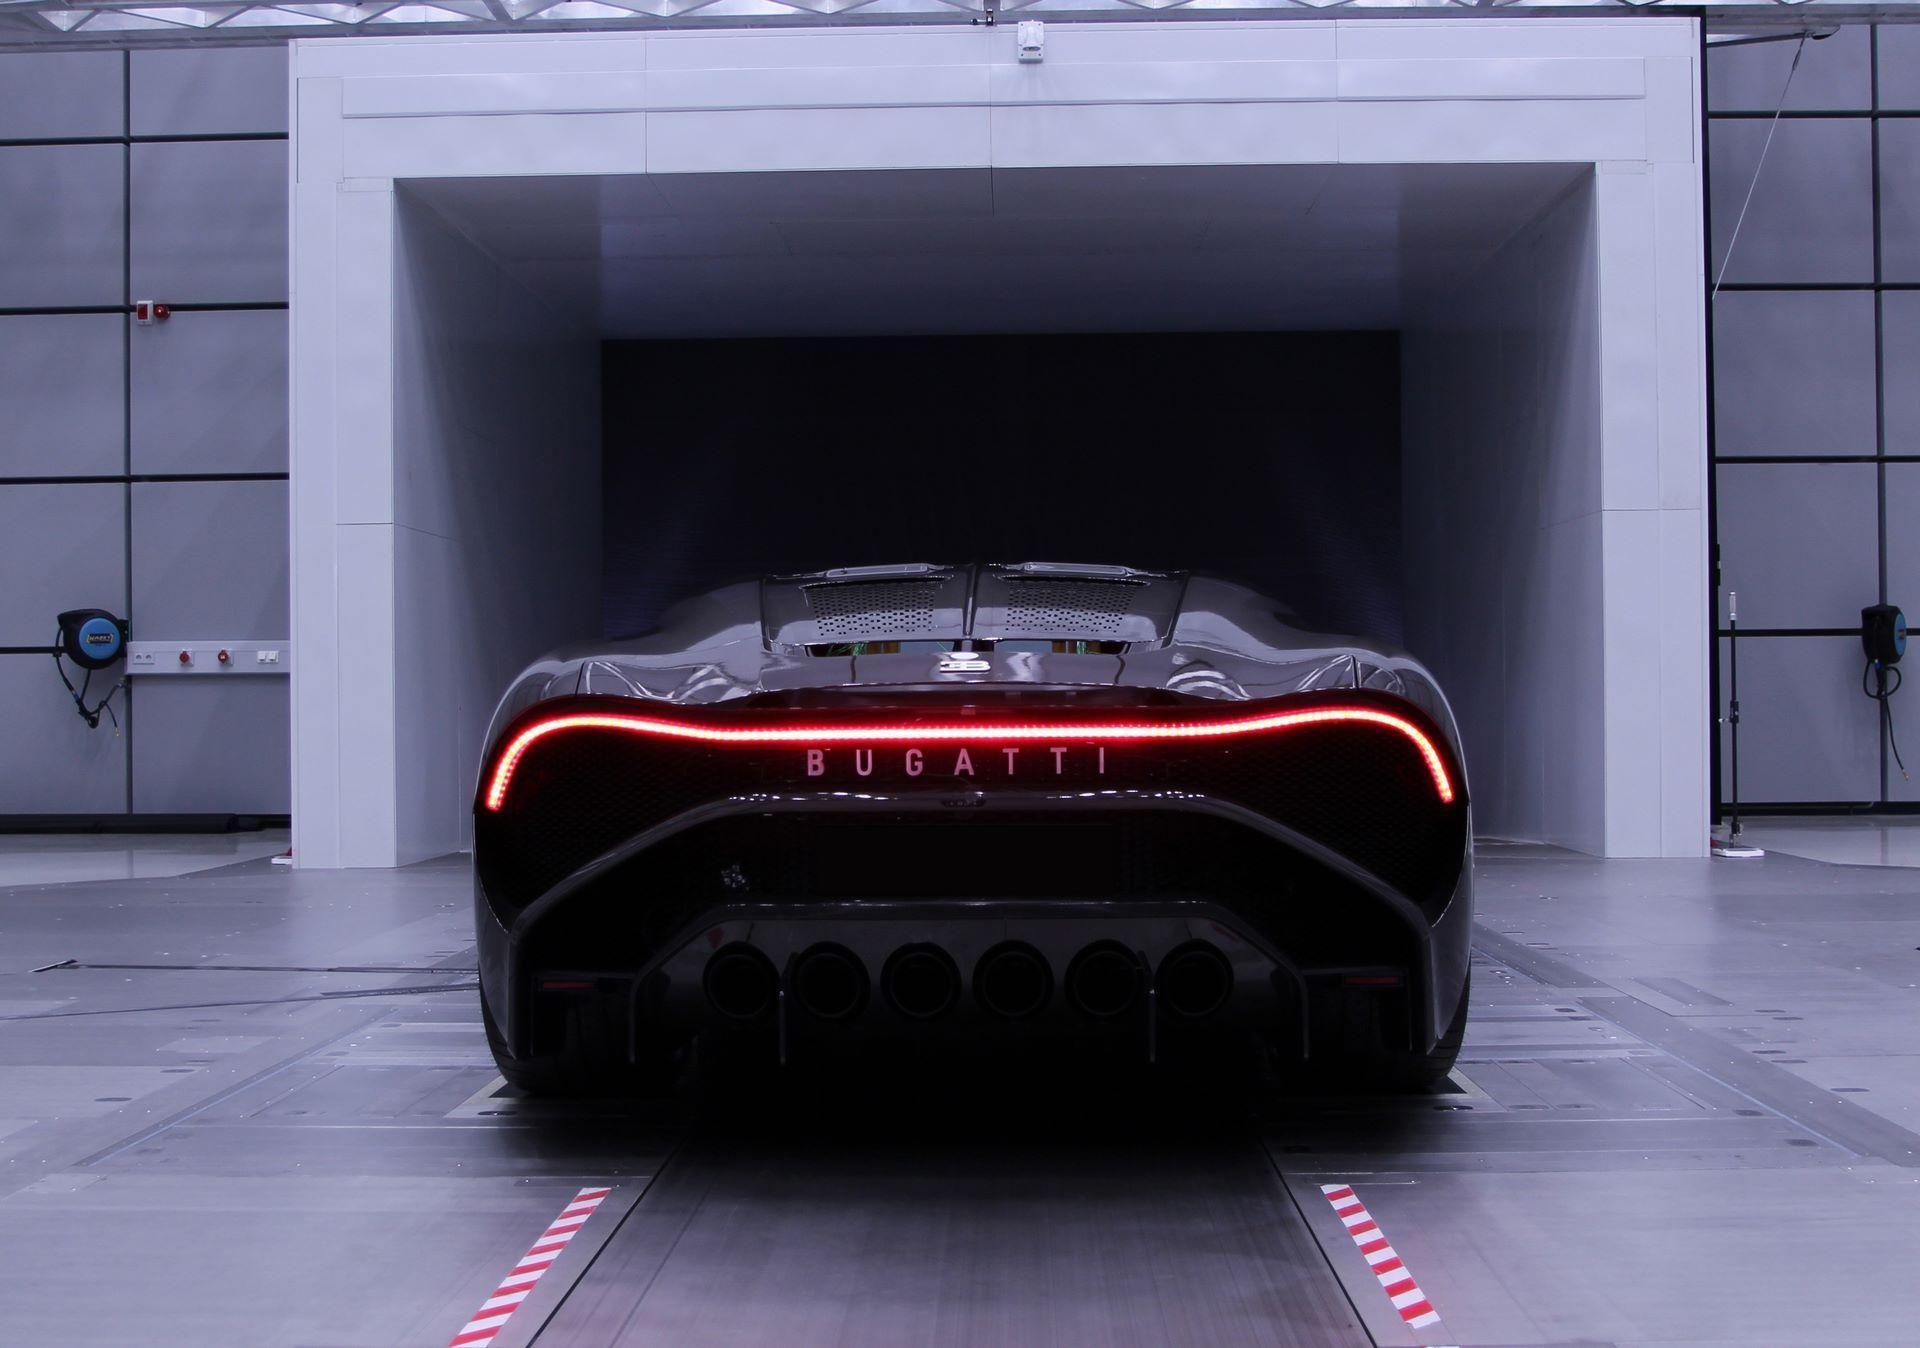 Bugatti-La-Voiture-Noire-26